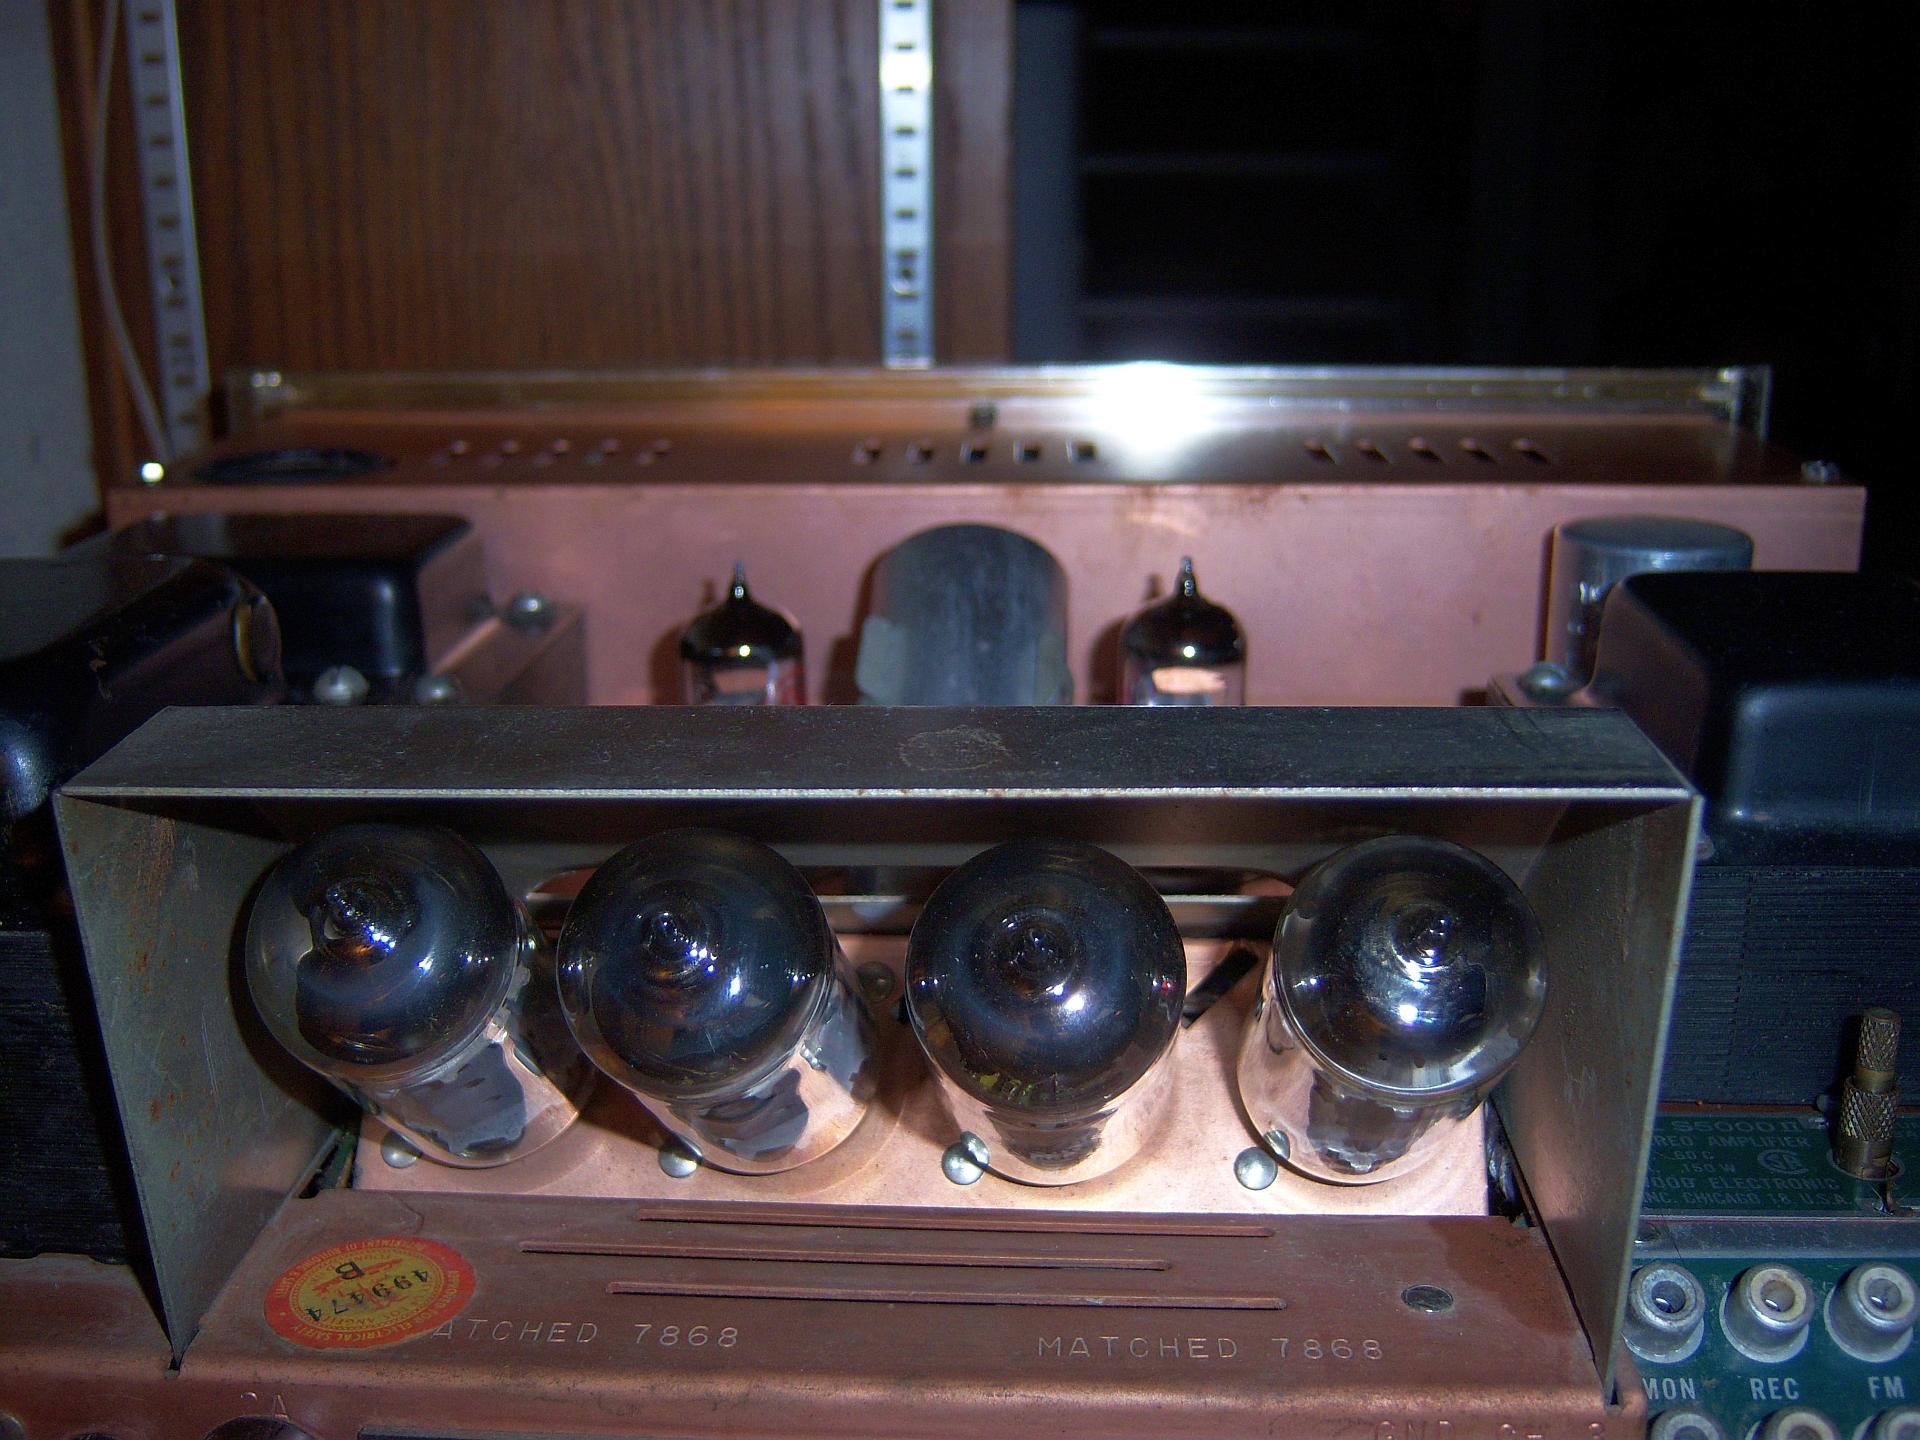 Sherwood S-5000 II c